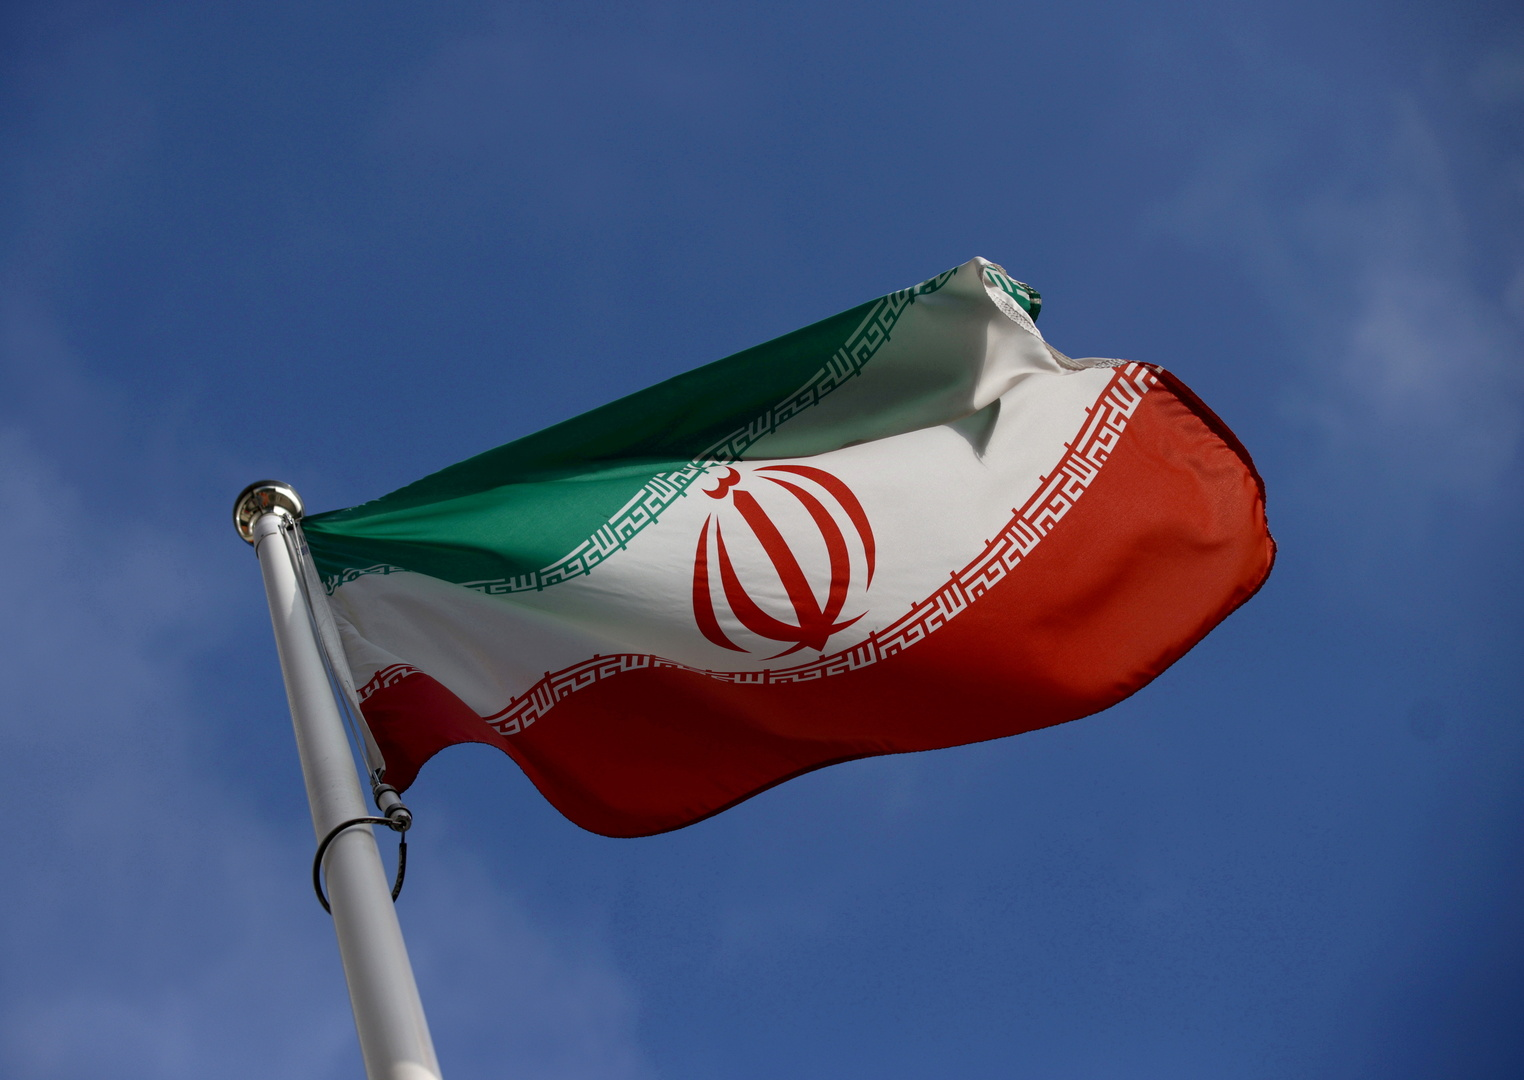 مصادر لـRT: الحرس الثوري الإيراني ألقى طائرة مسيرة مفخخة على موقع للمعارضة شمالي العراق (فيديو)